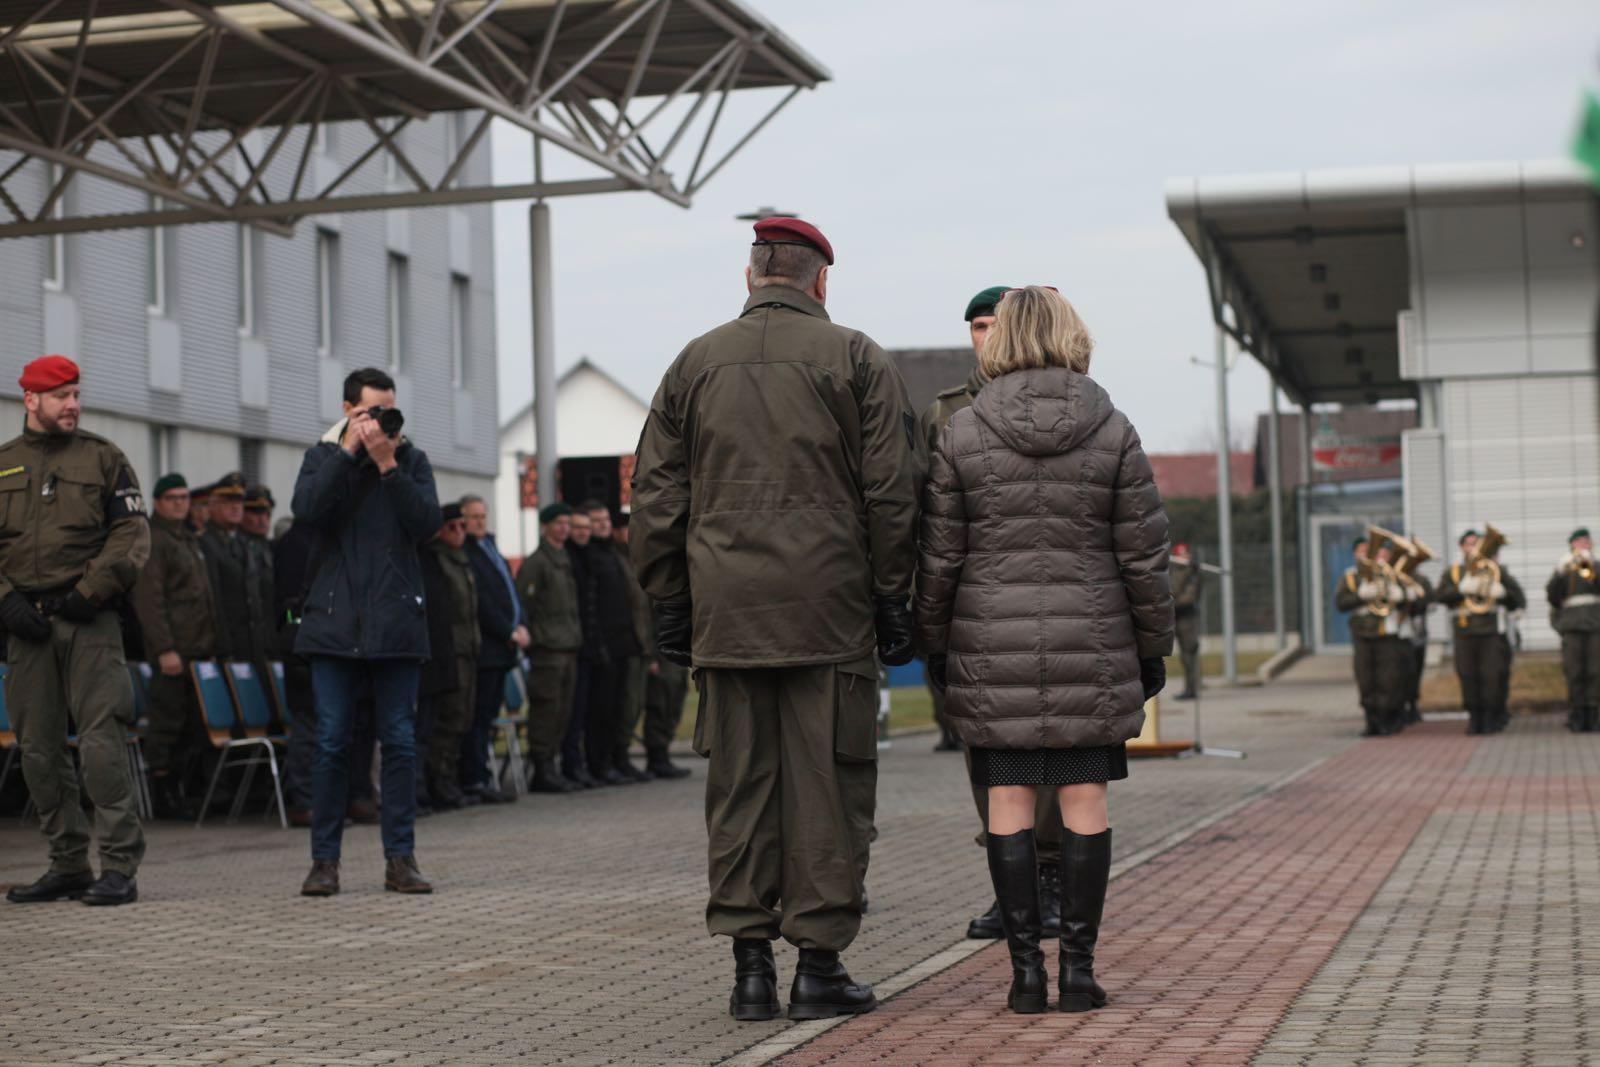 2019_02_08_5Gardekompanie_KPE_EUFOR30_Verabschiedung - 12 of 61